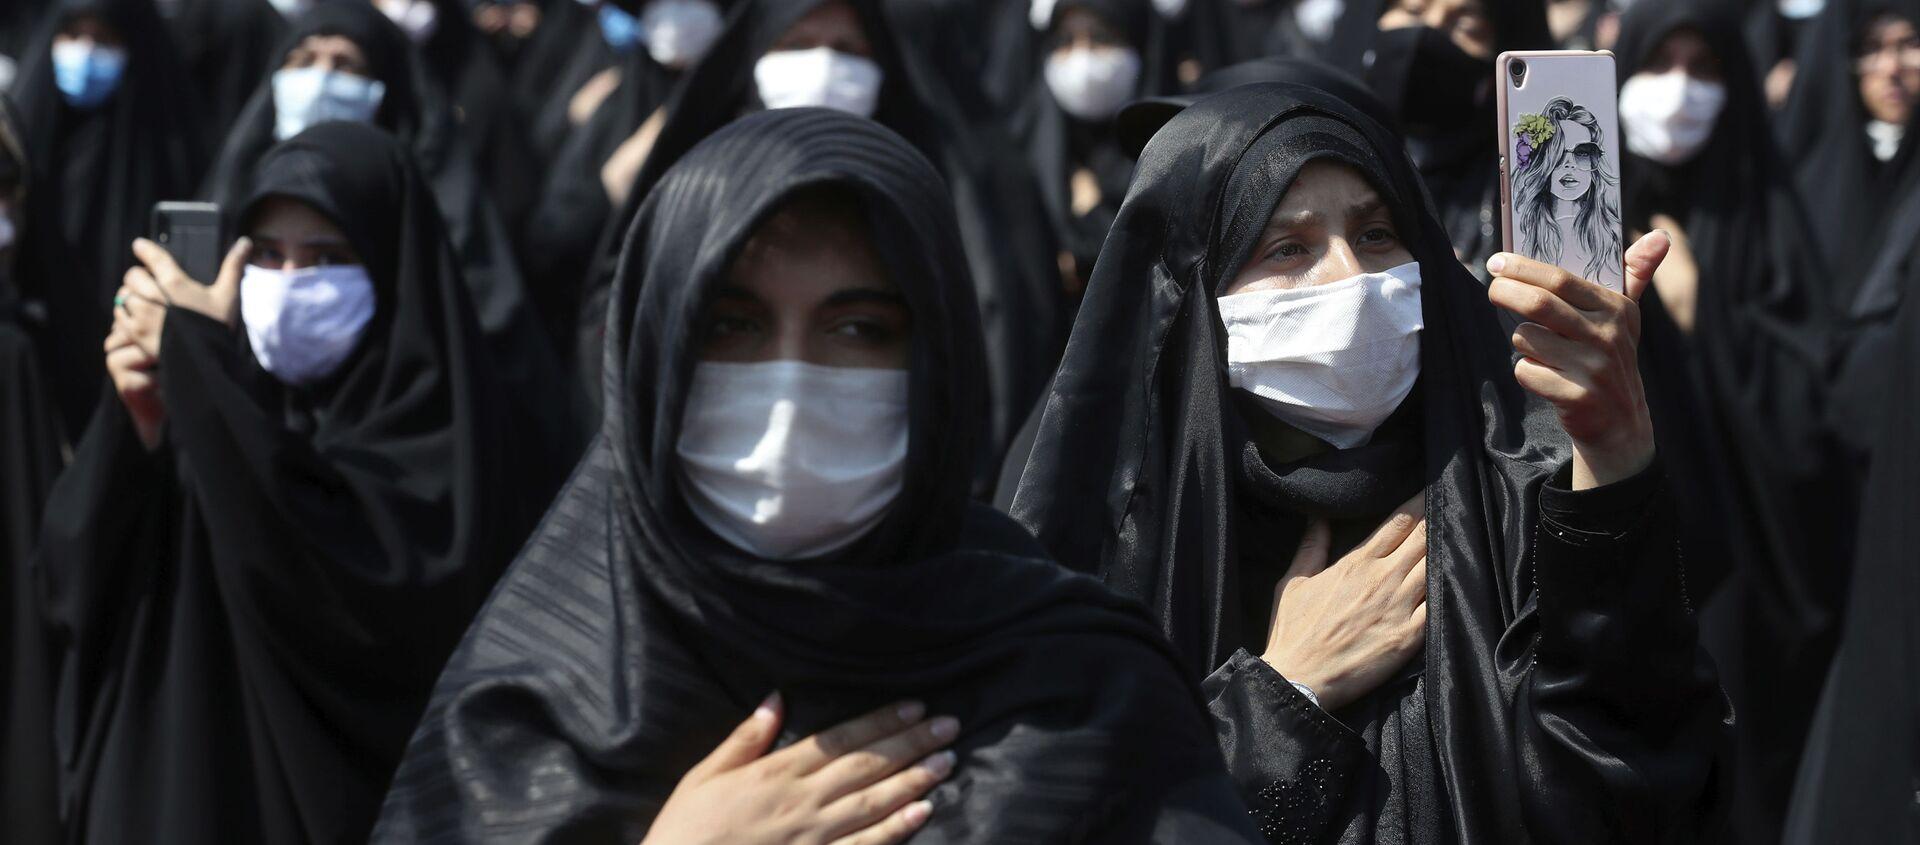 Женщины в черных хиджабах и масках во время пандемии коронавируса COVID 19, в Тегеране, Иран - Sputnik Грузия, 1920, 05.04.2021